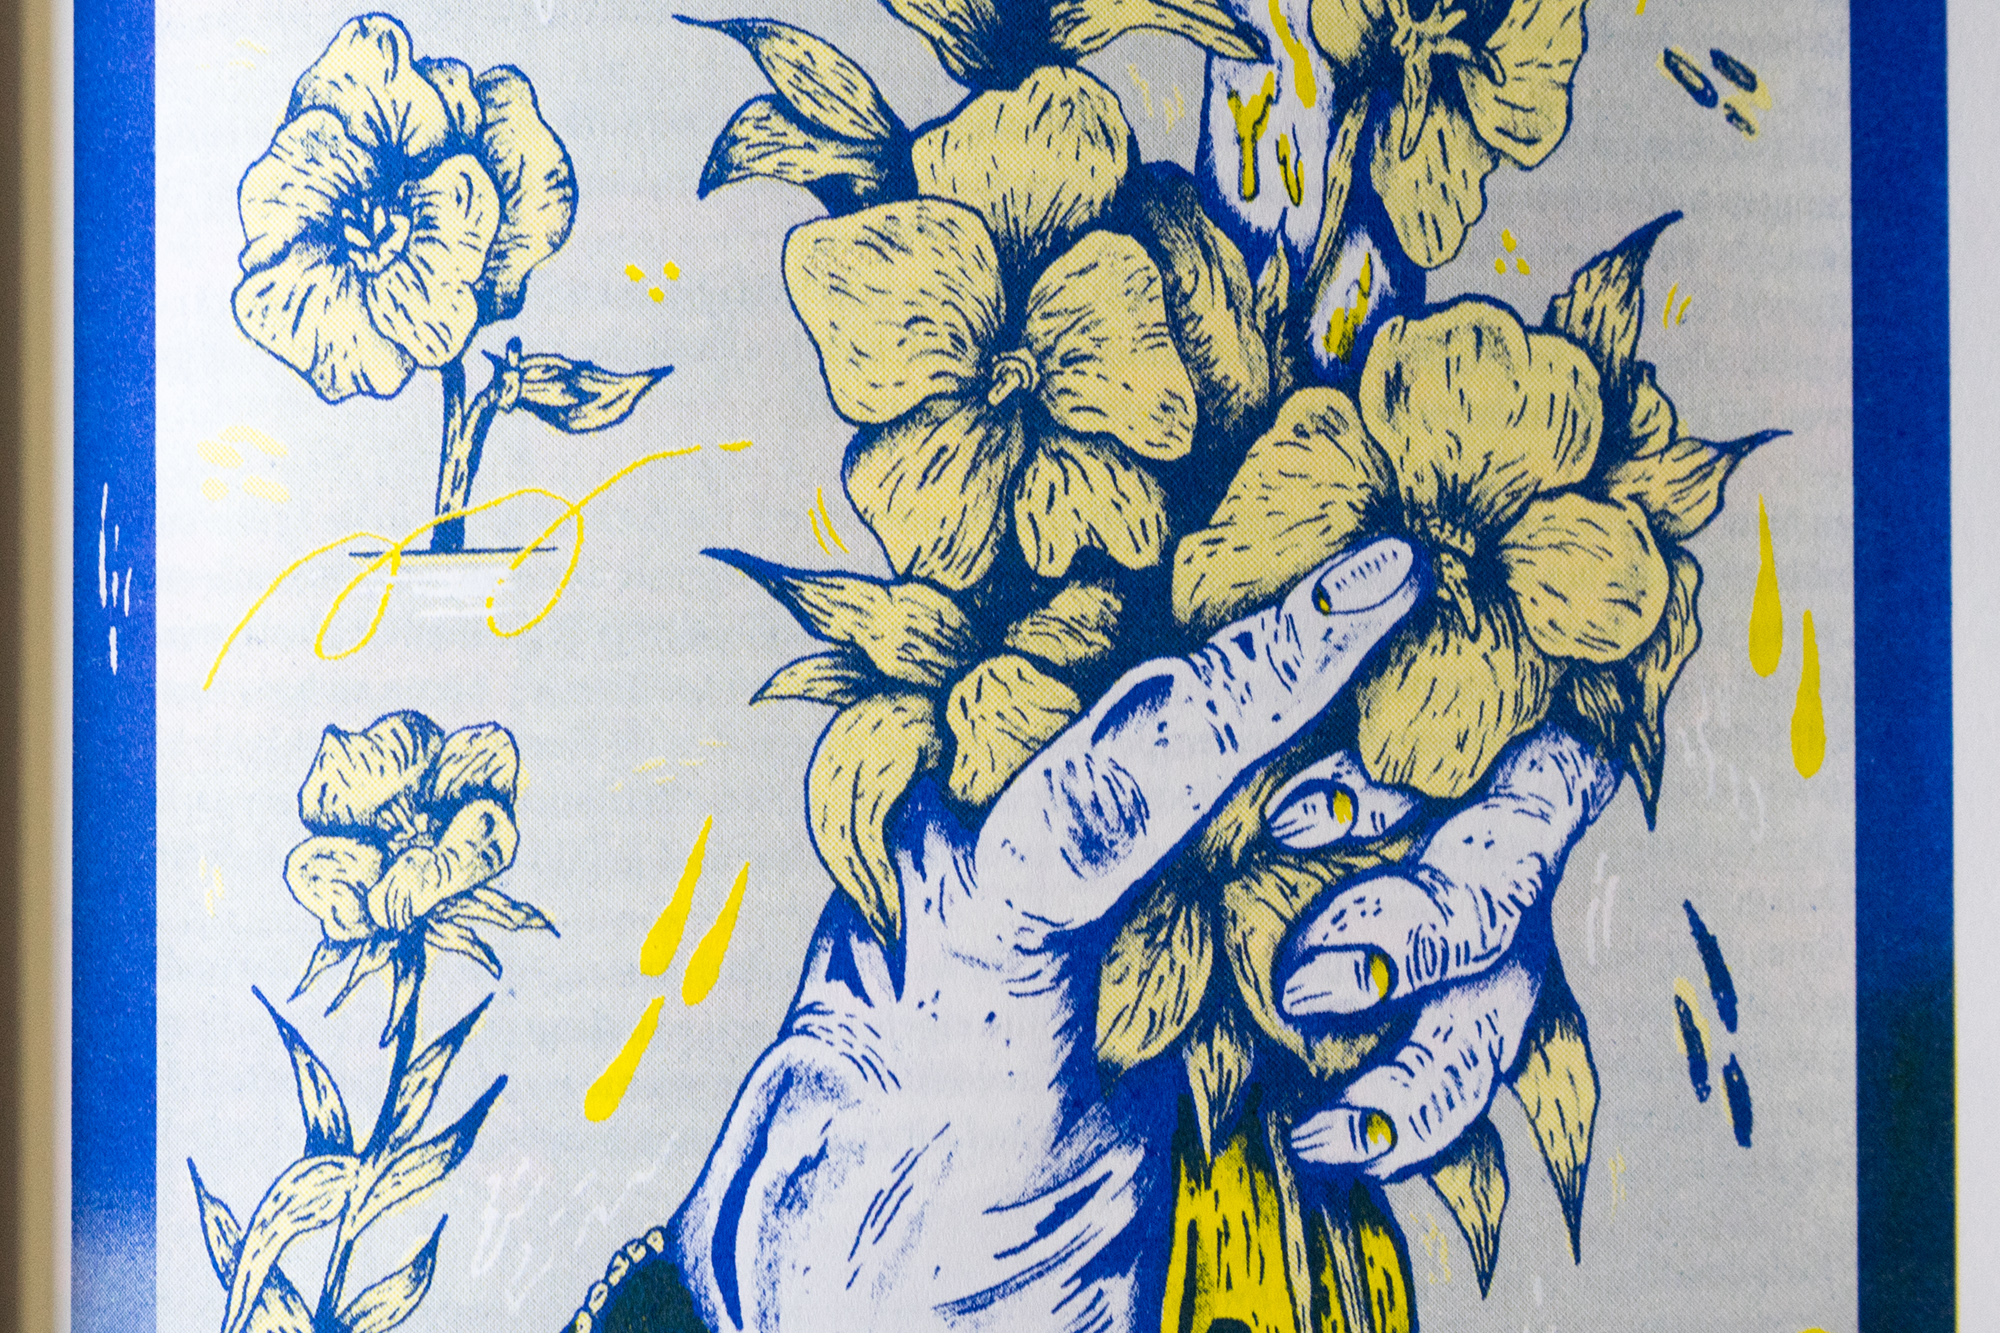 Detail of illustration by Bobbi Oskam